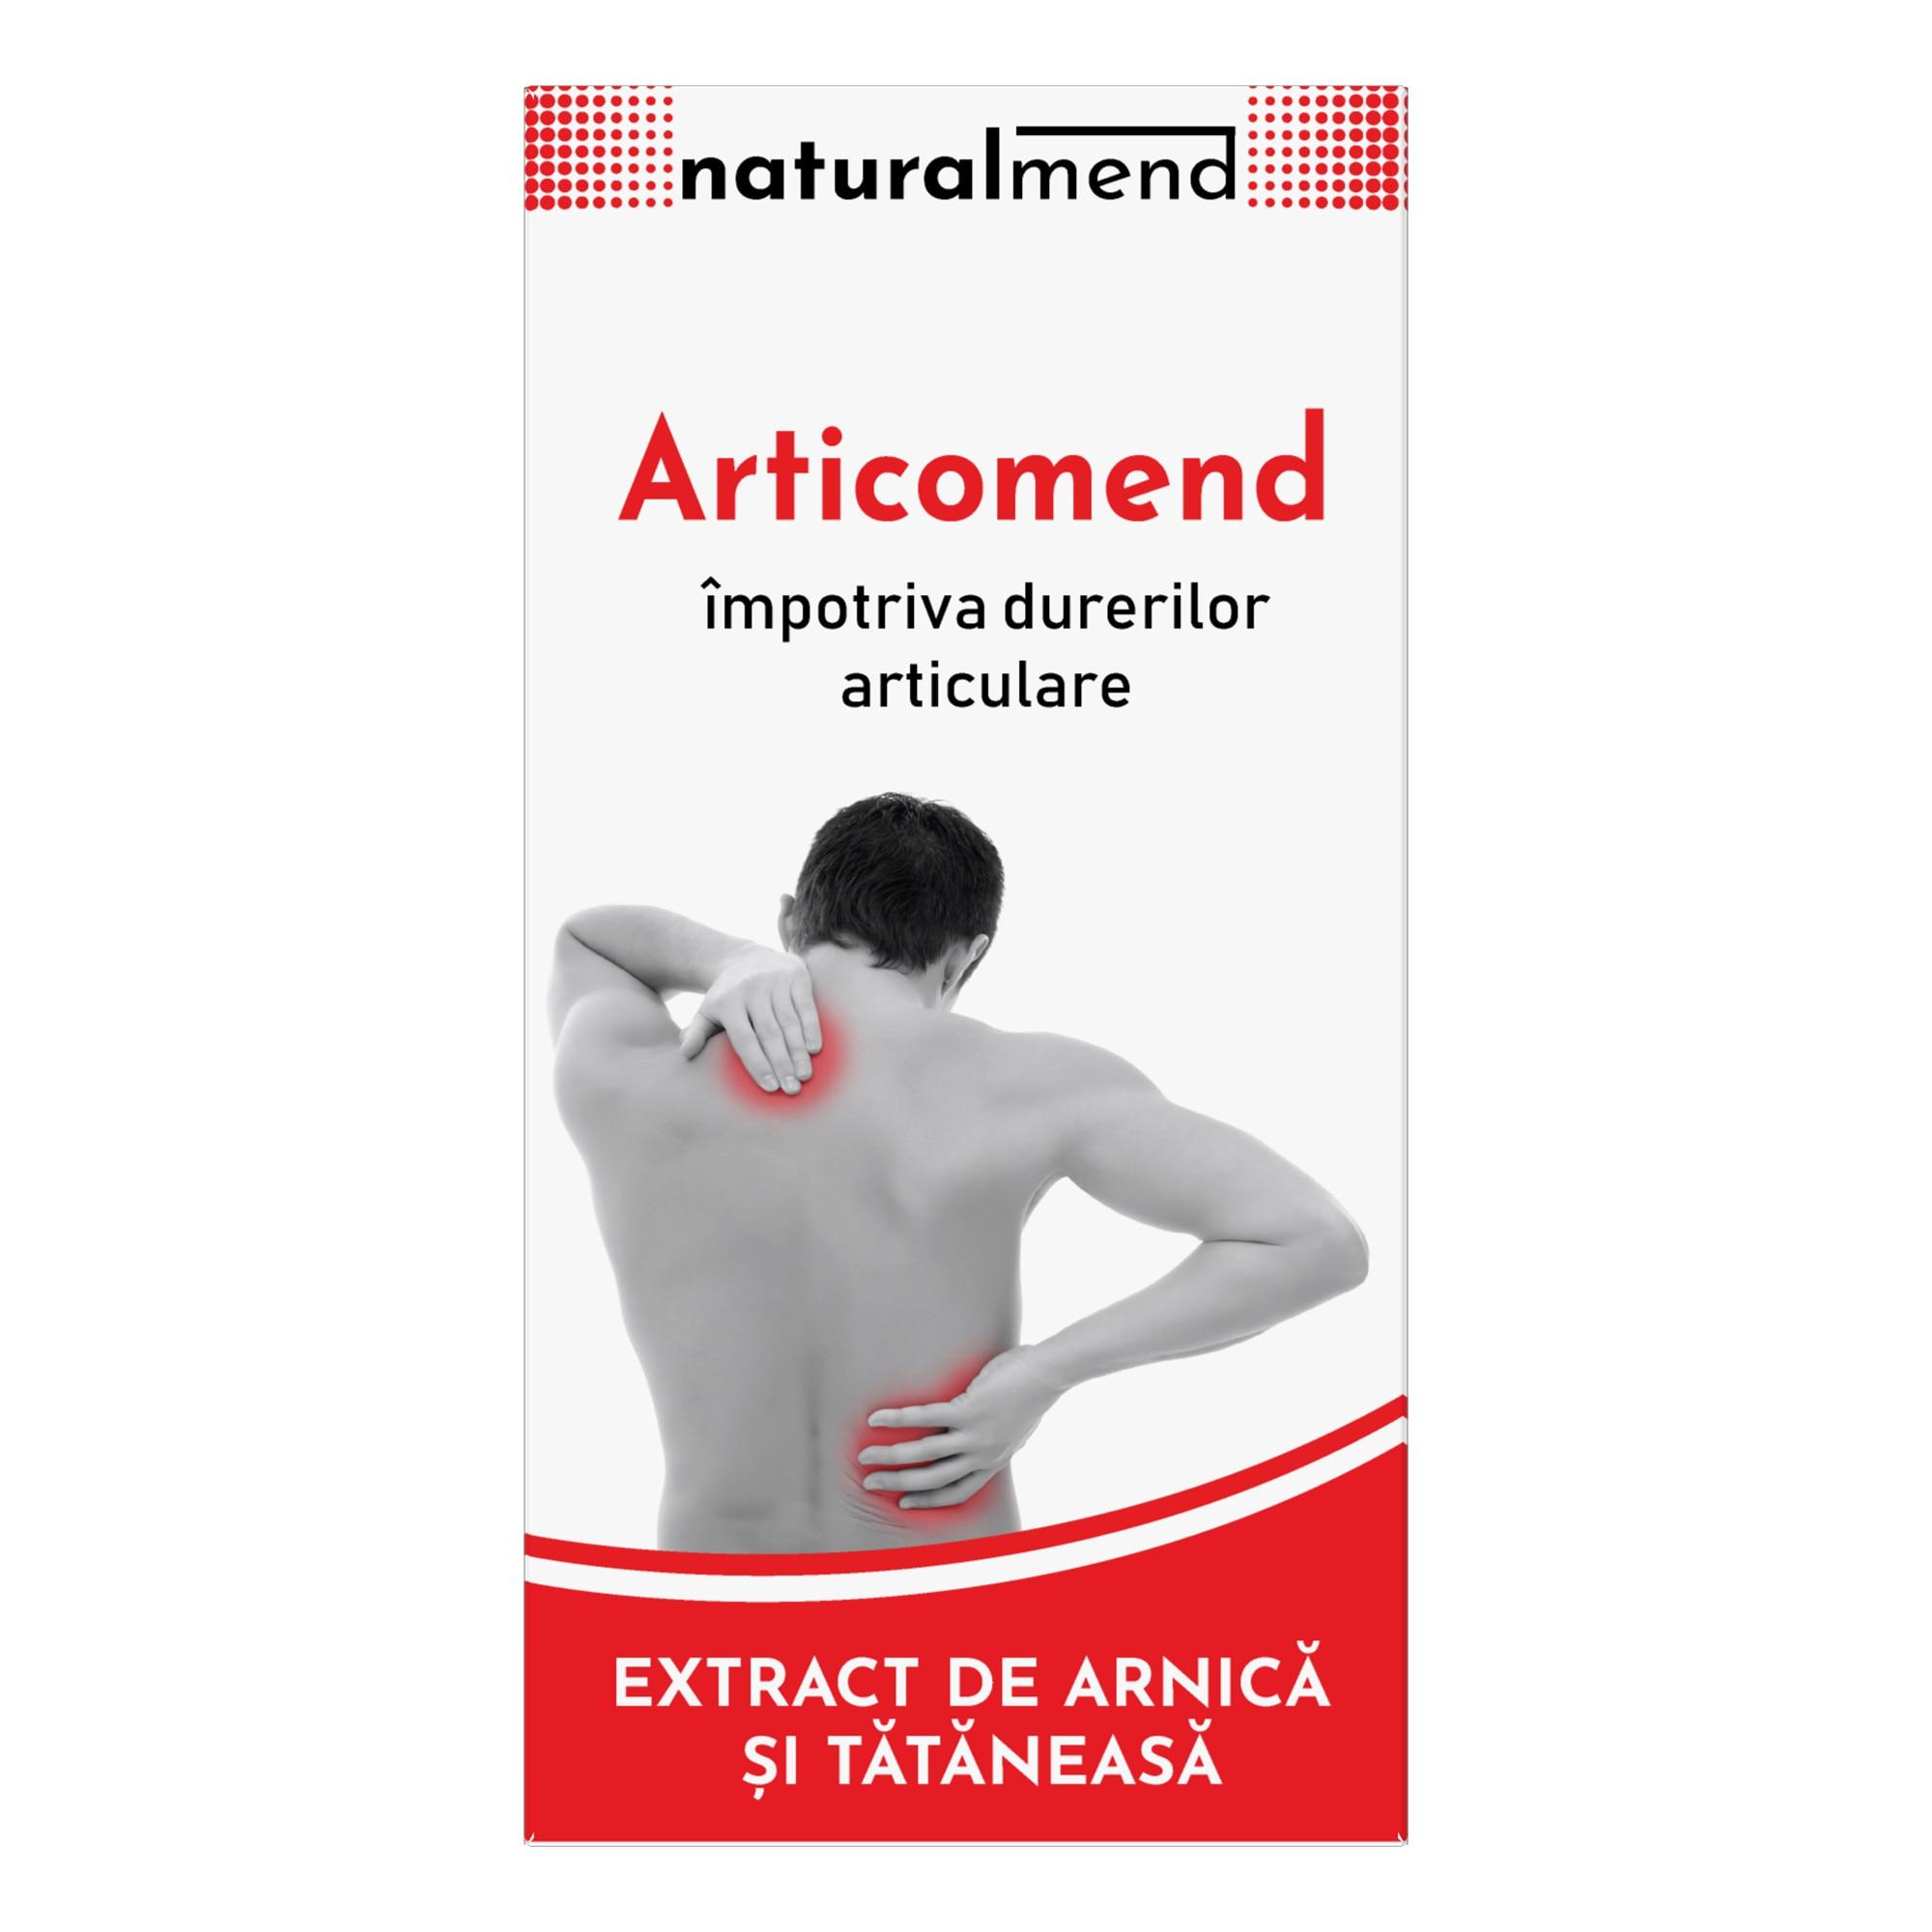 Crema durerii articulare aertale durere în timp ce mergeți în zona șoldului